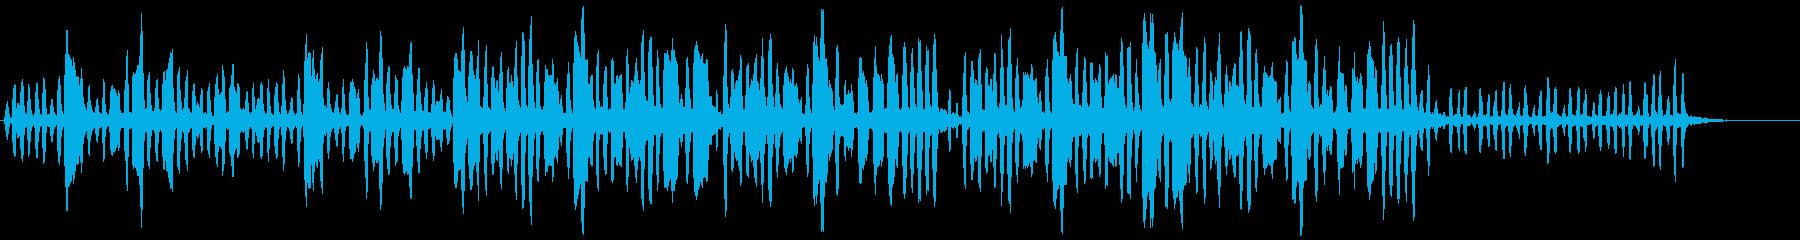 リコーダーの元気で可愛い曲1の再生済みの波形